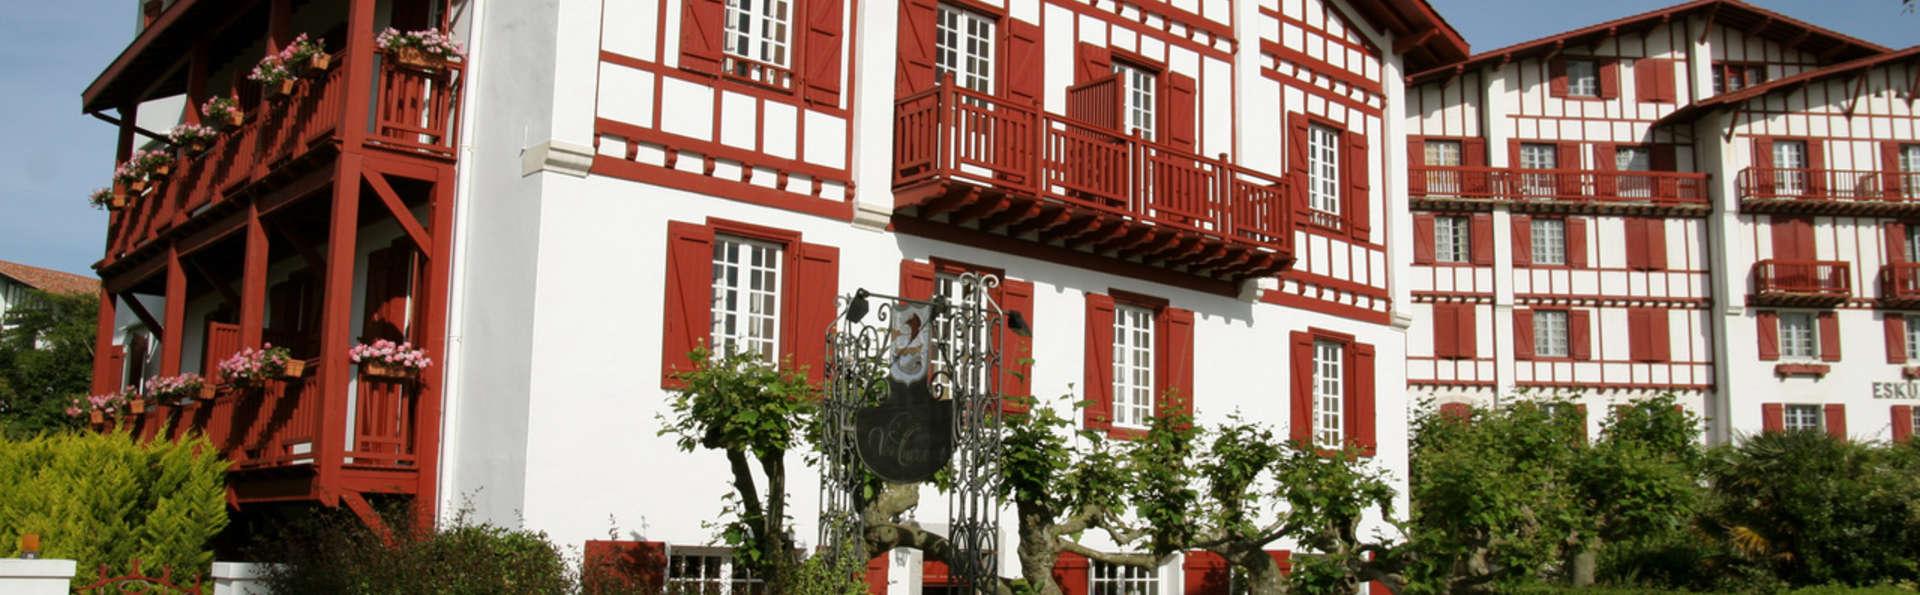 Villa Catarie - Hotel_Ext_facade_bien.jpg